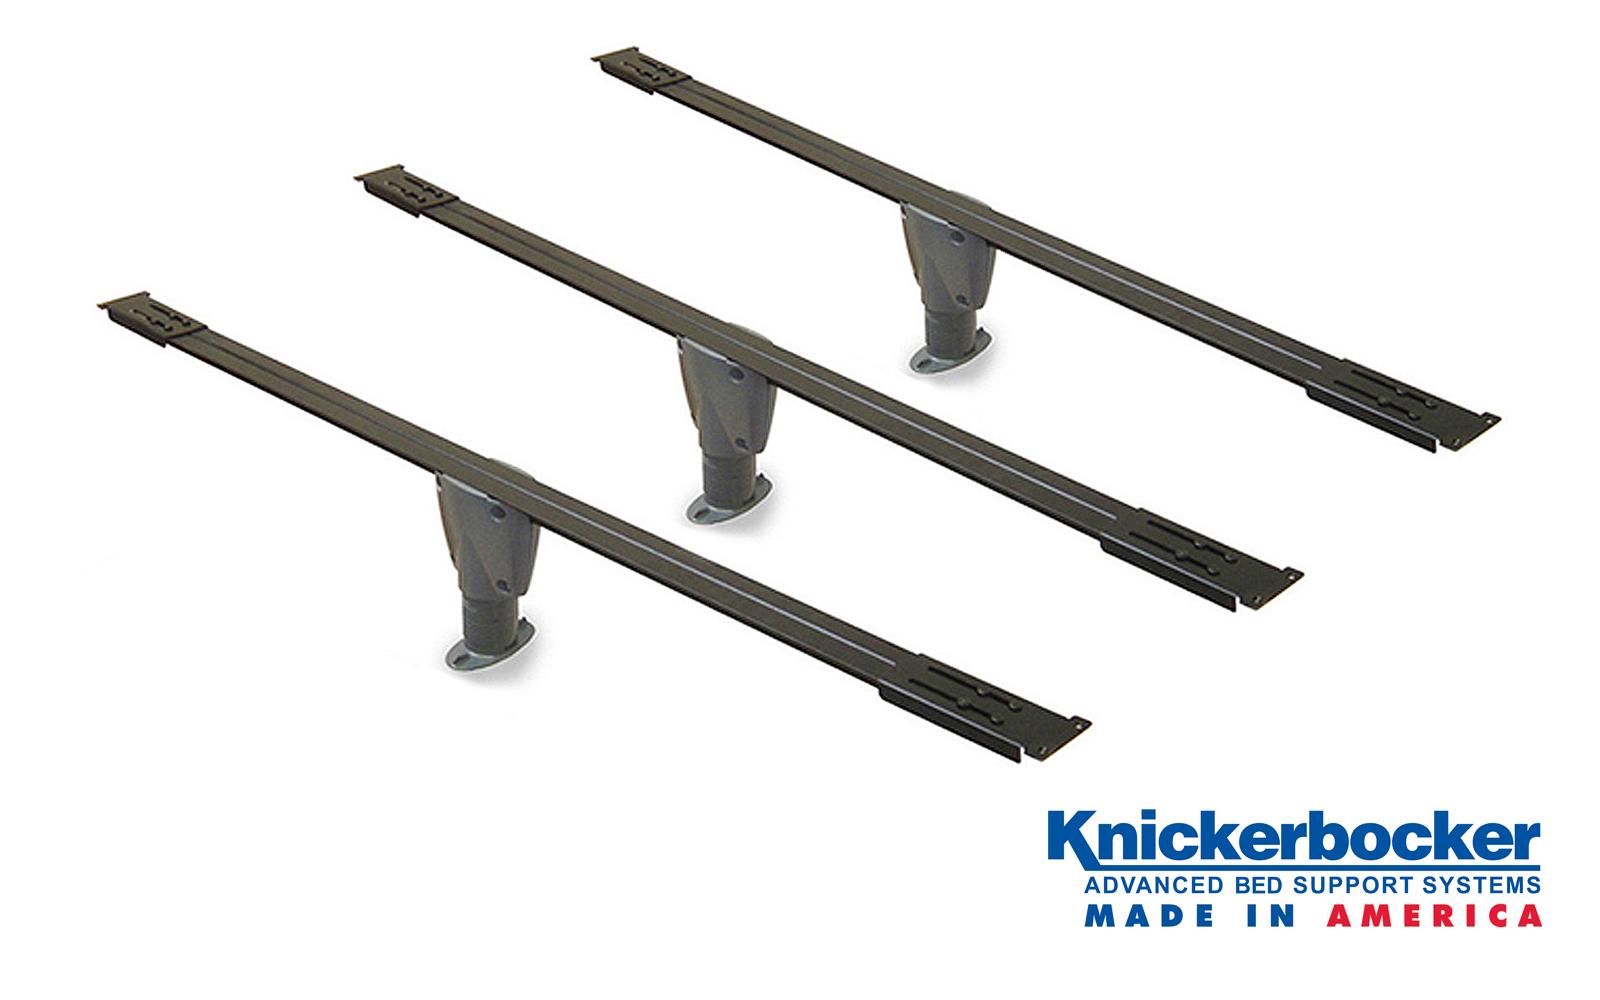 Bed frame king size embrace bed frame king size embrace bed frame king - Bedbeam Steel Slat System